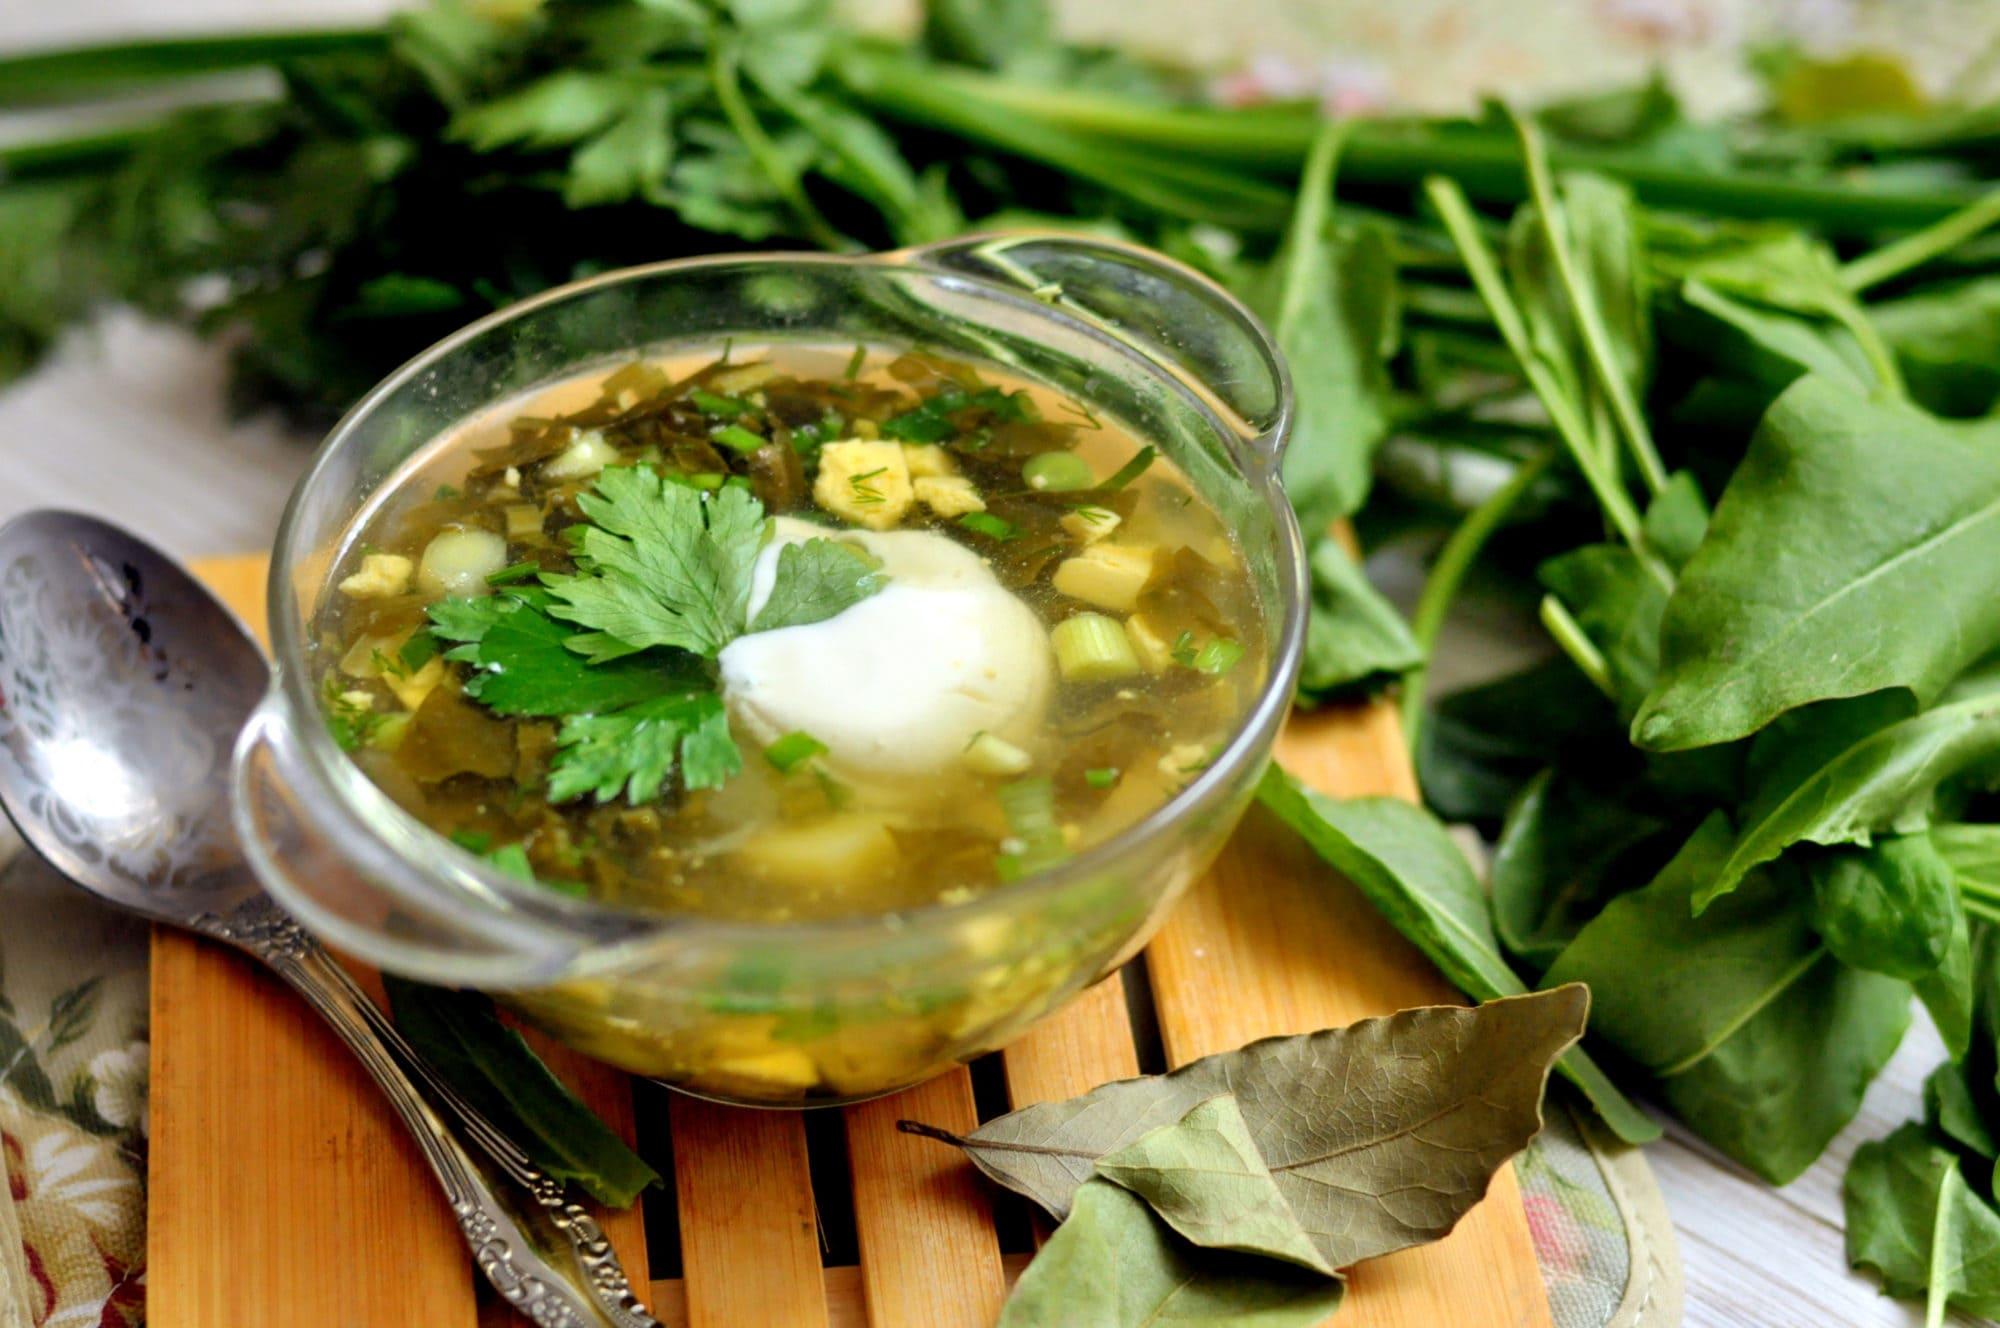 пять как приготовить щавельный суп рецепт с фото этом интересно